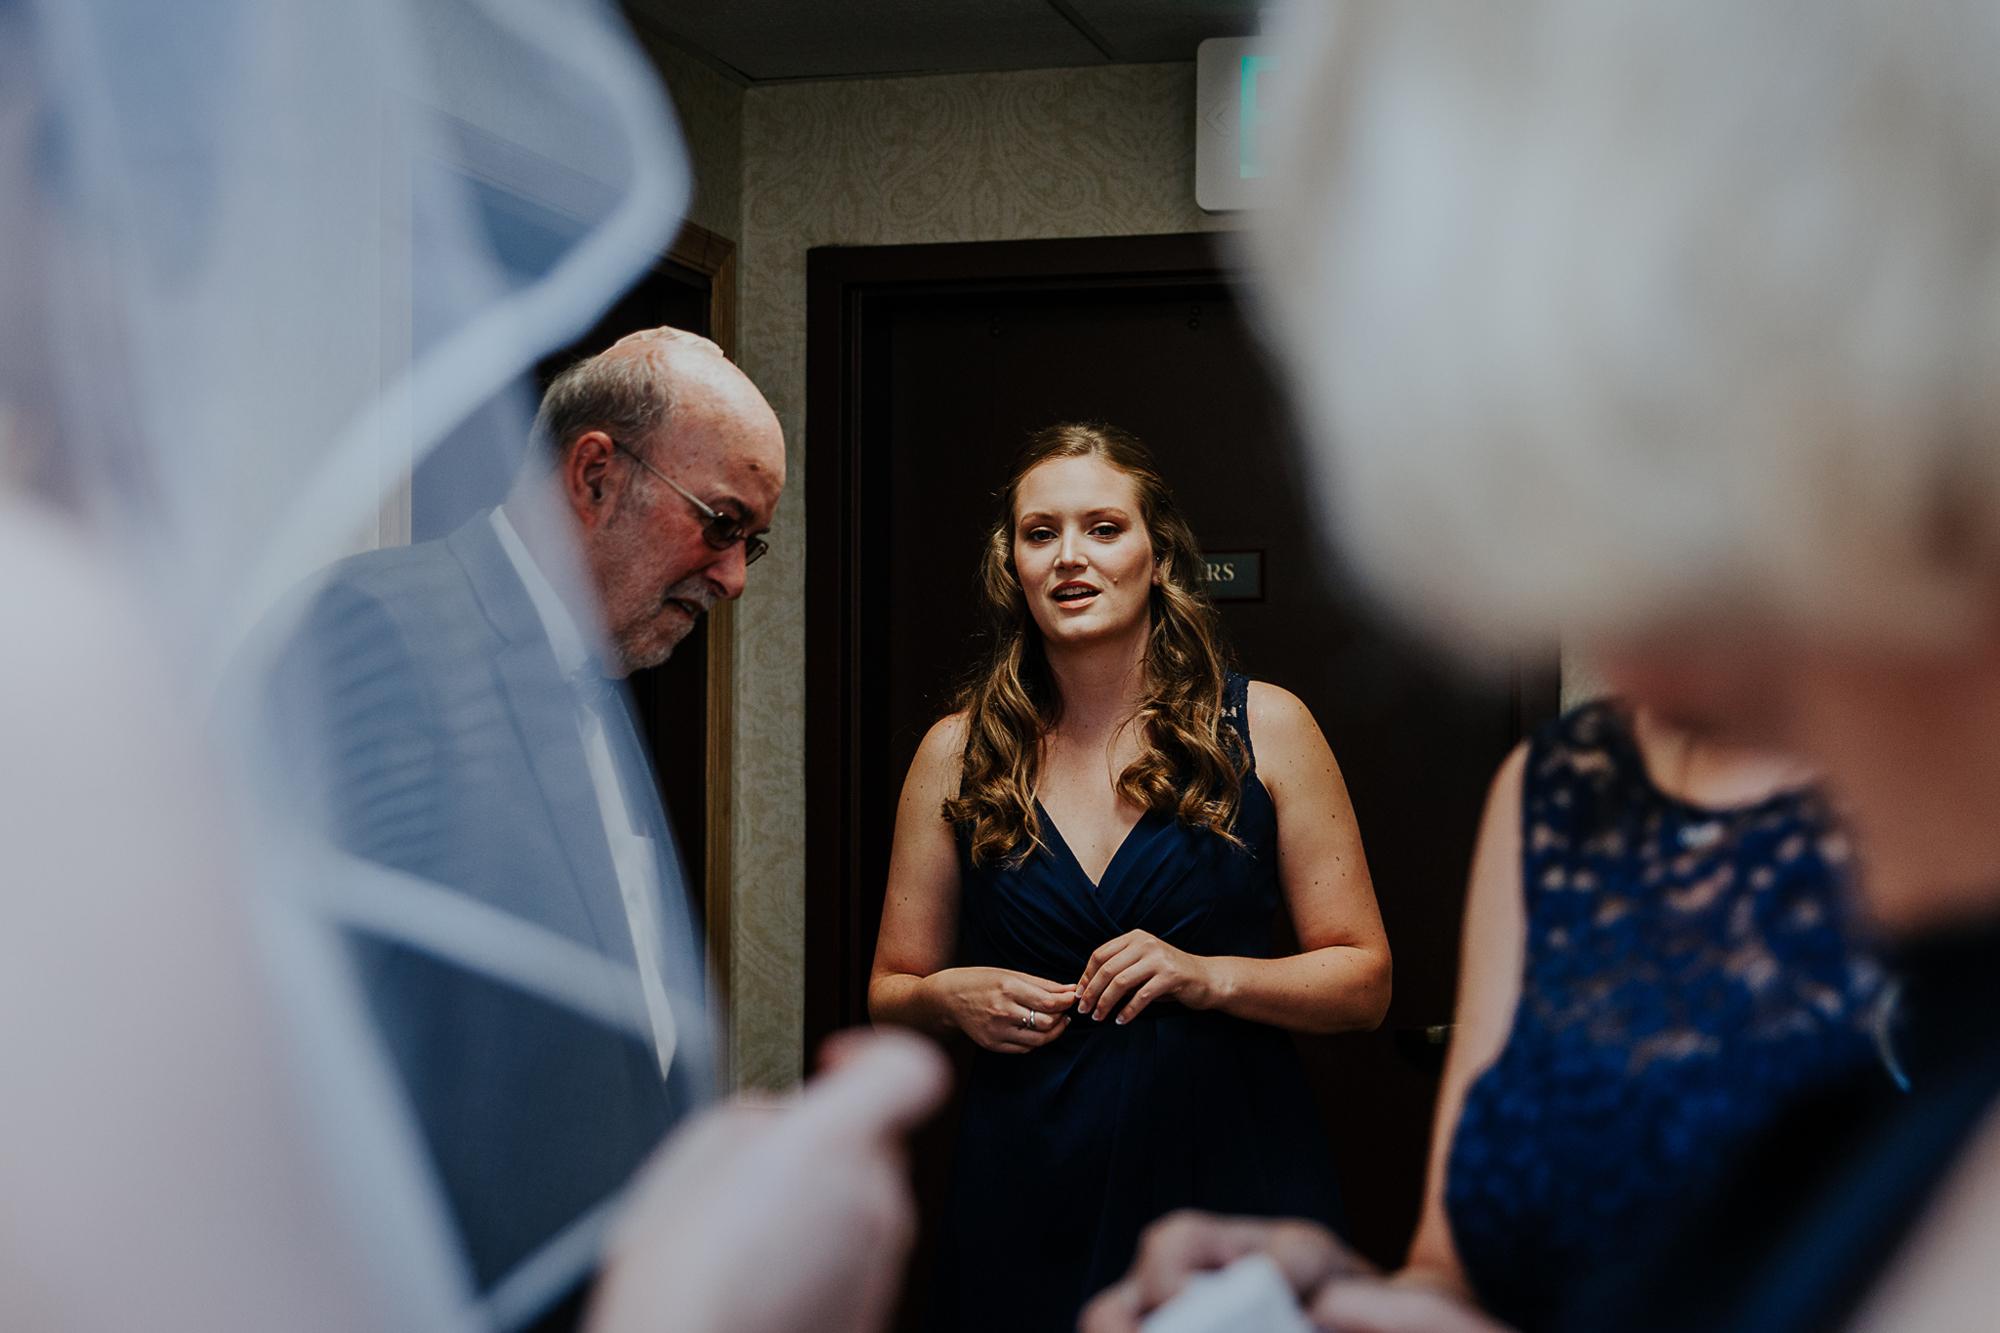 026-annapolis_courthouse_wedding.jpg